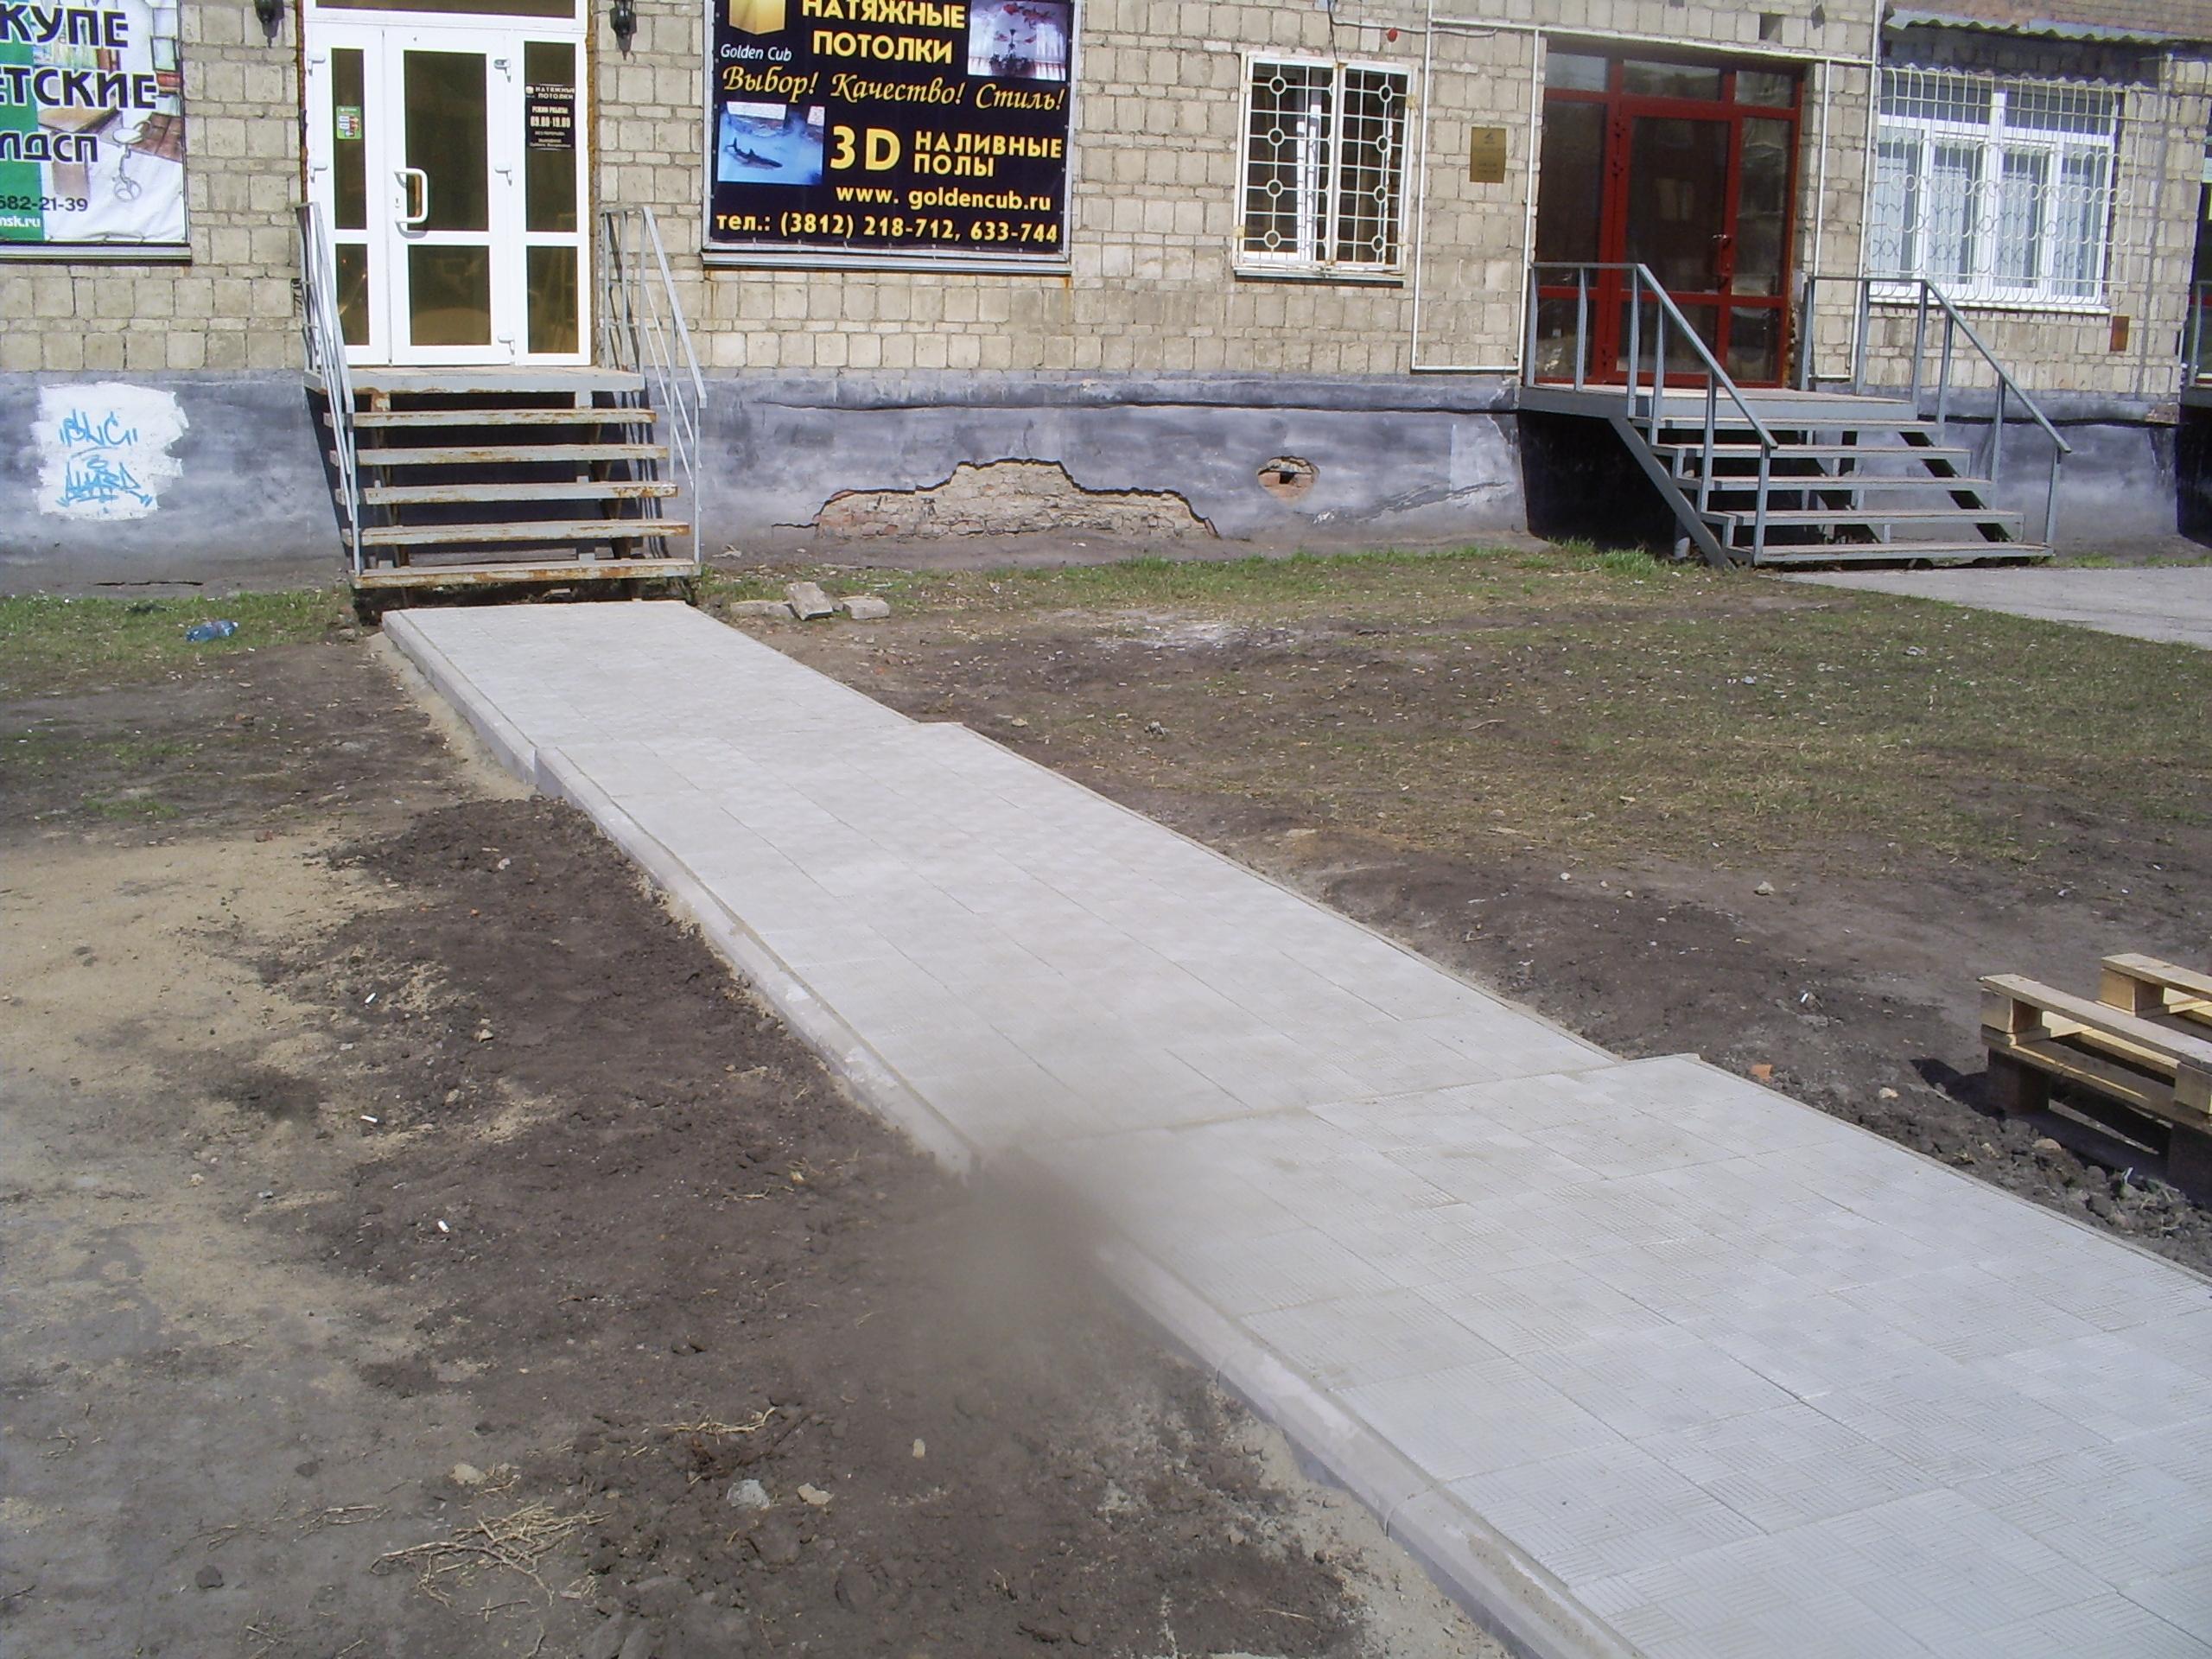 http://plitka-omsk55.ru/images/upload/S5031155.JPG